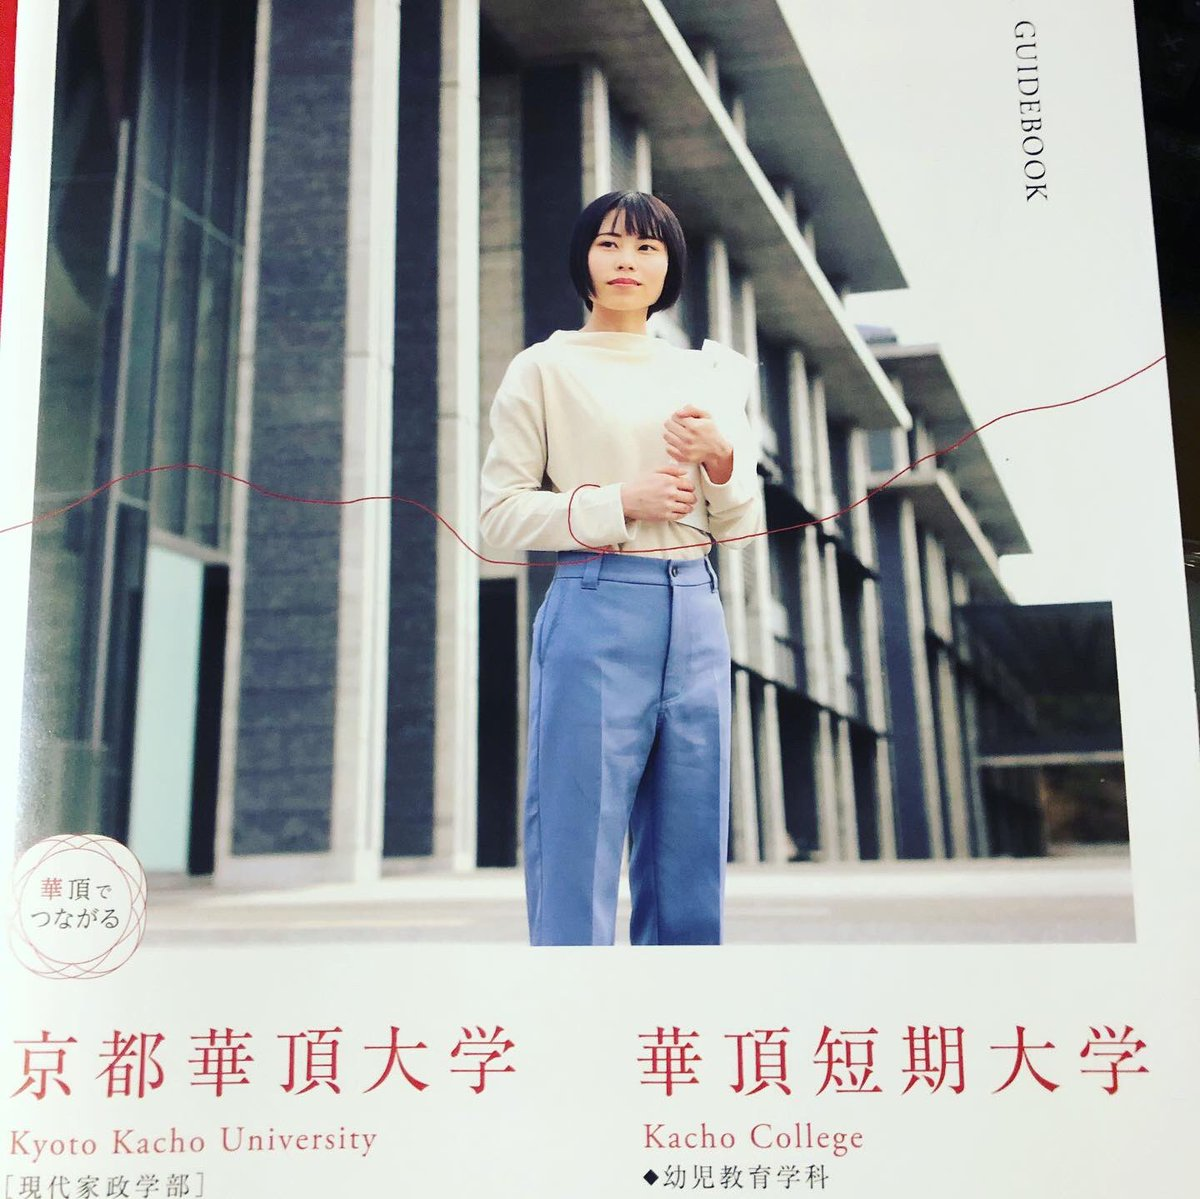 華 大学 京都 保育 士 きょうと 頂